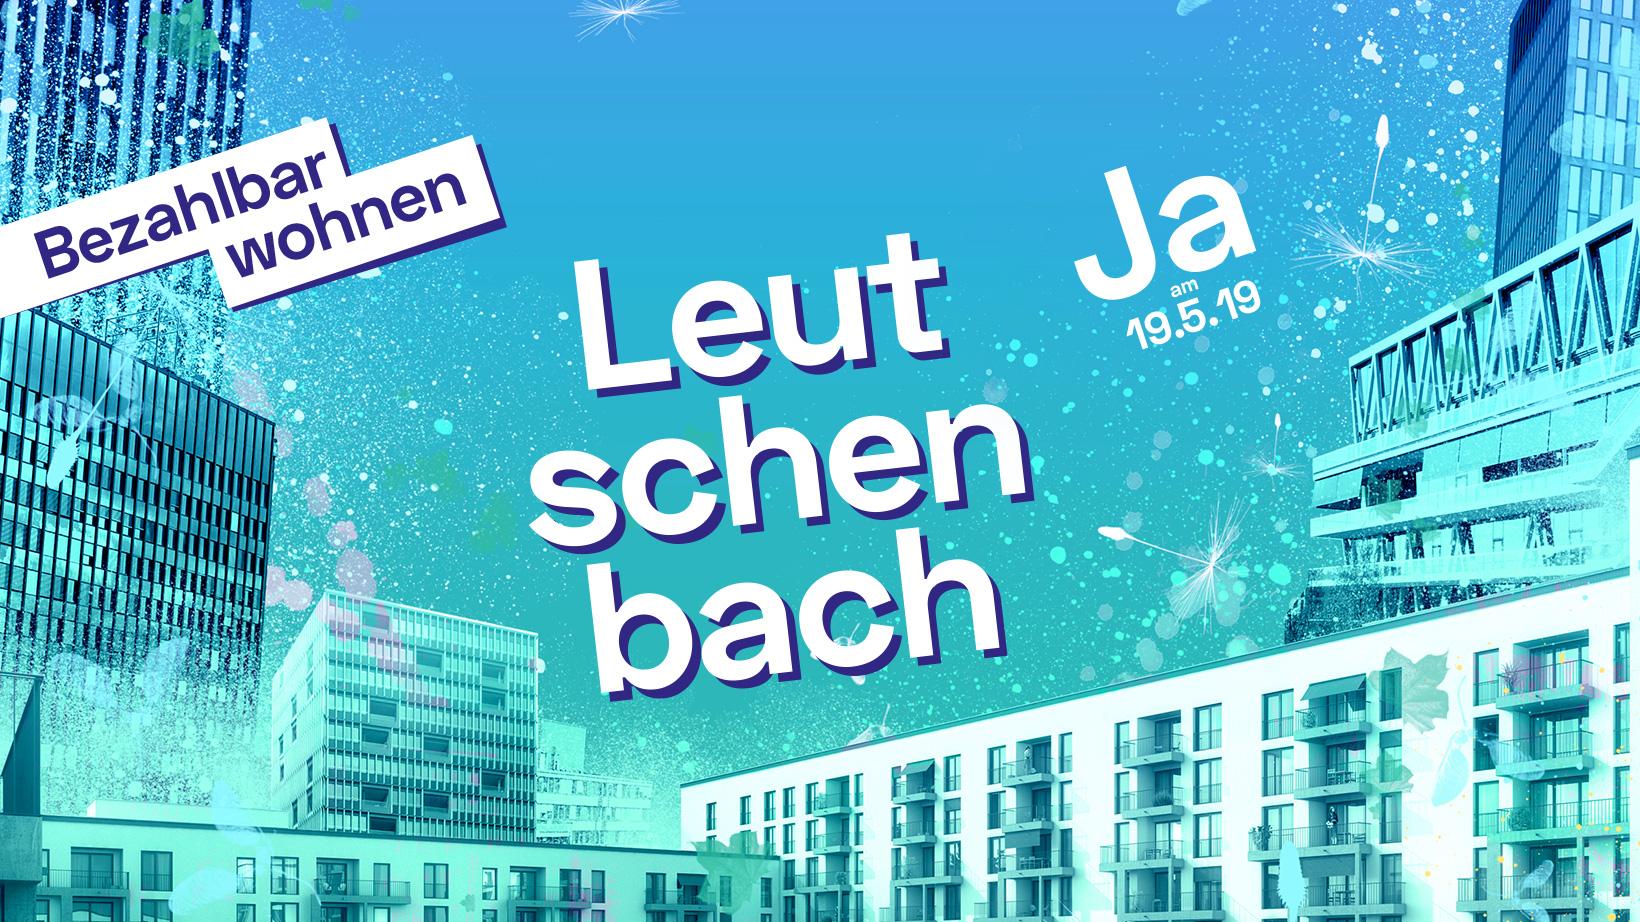 Leutschenbach Coverimage. Häusercollage in bunten Farben.